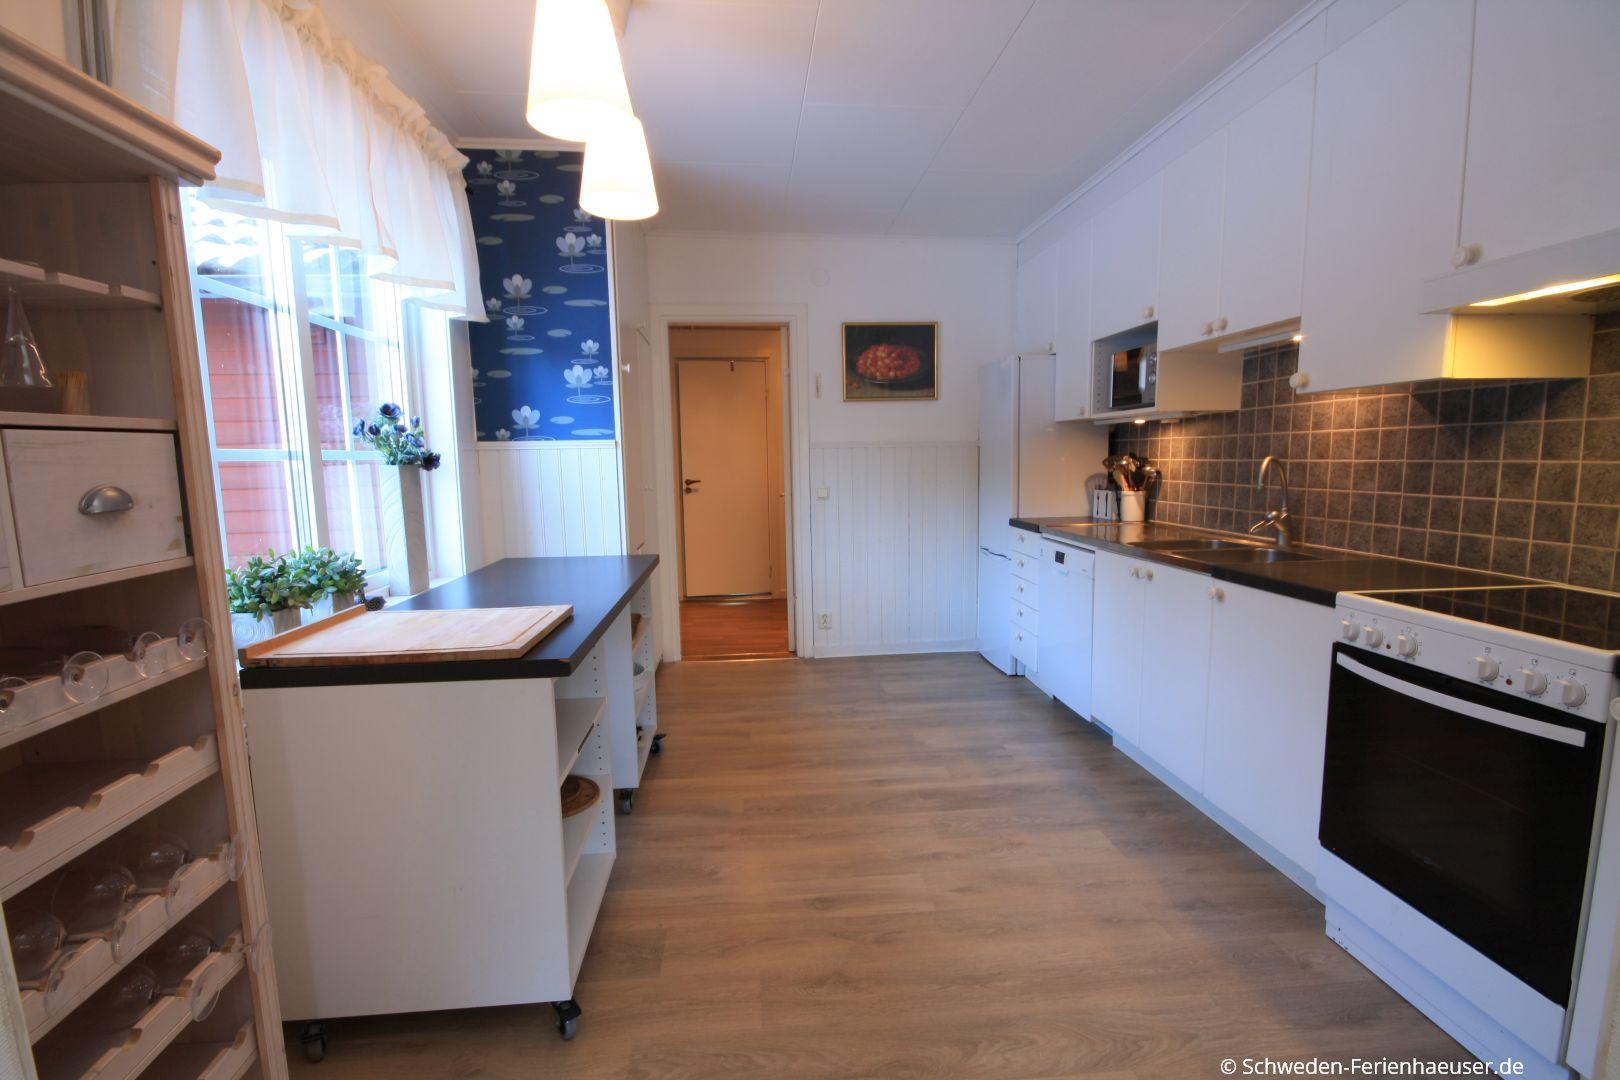 Kompostbehälter Küche | Ferienhaus Bro011